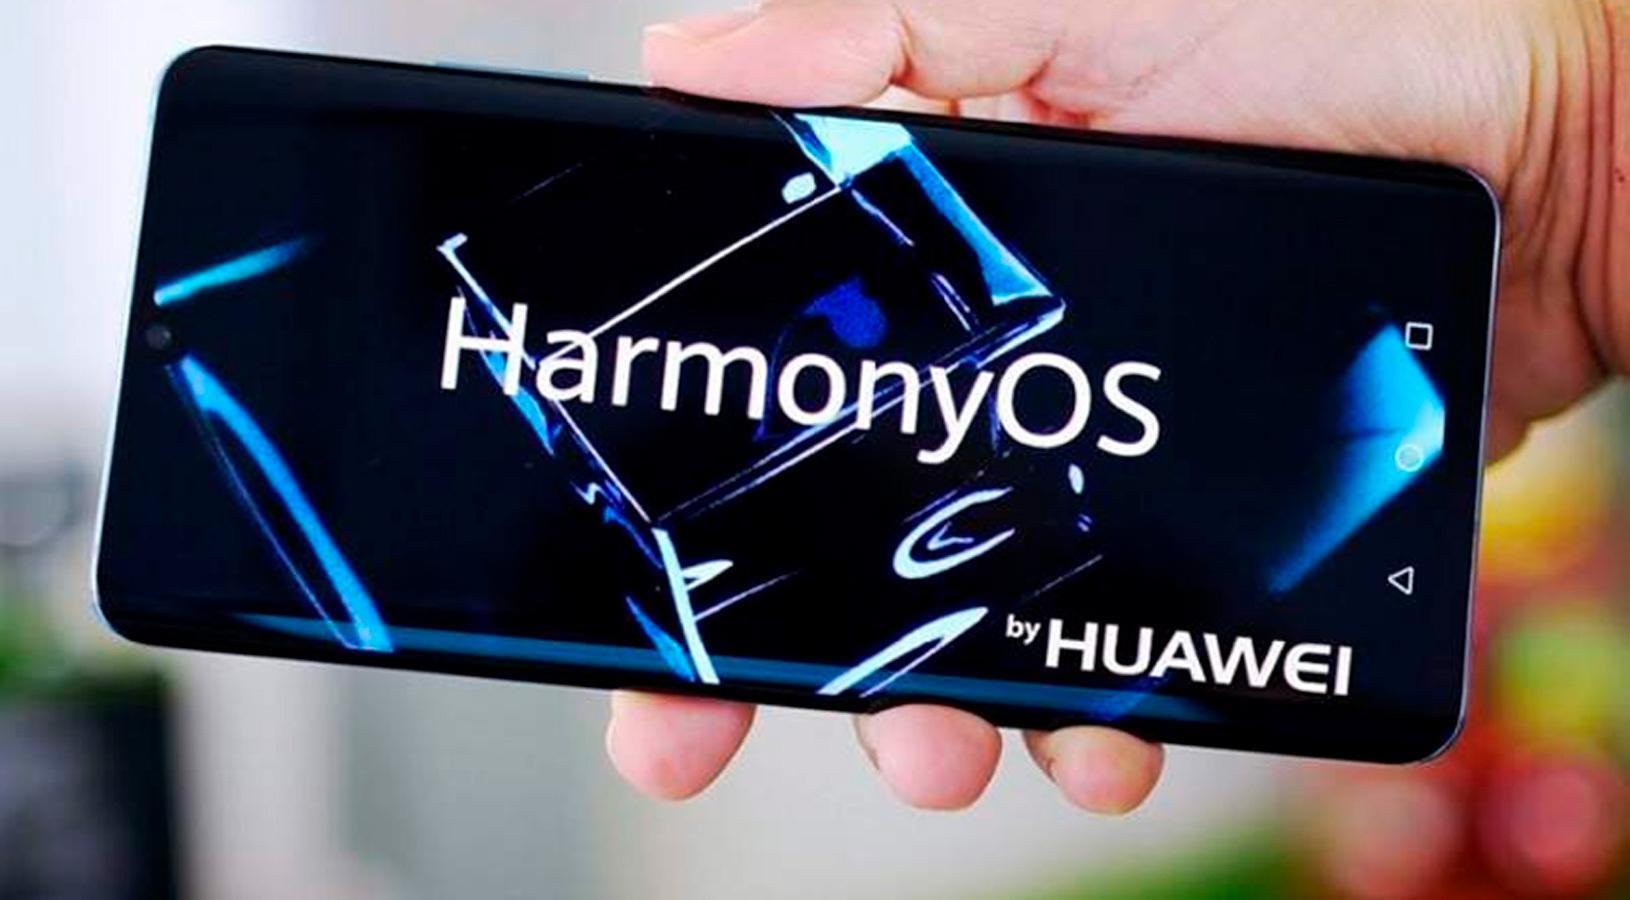 Фирменная система Huawei для смартфонов оказалась переделанной Android